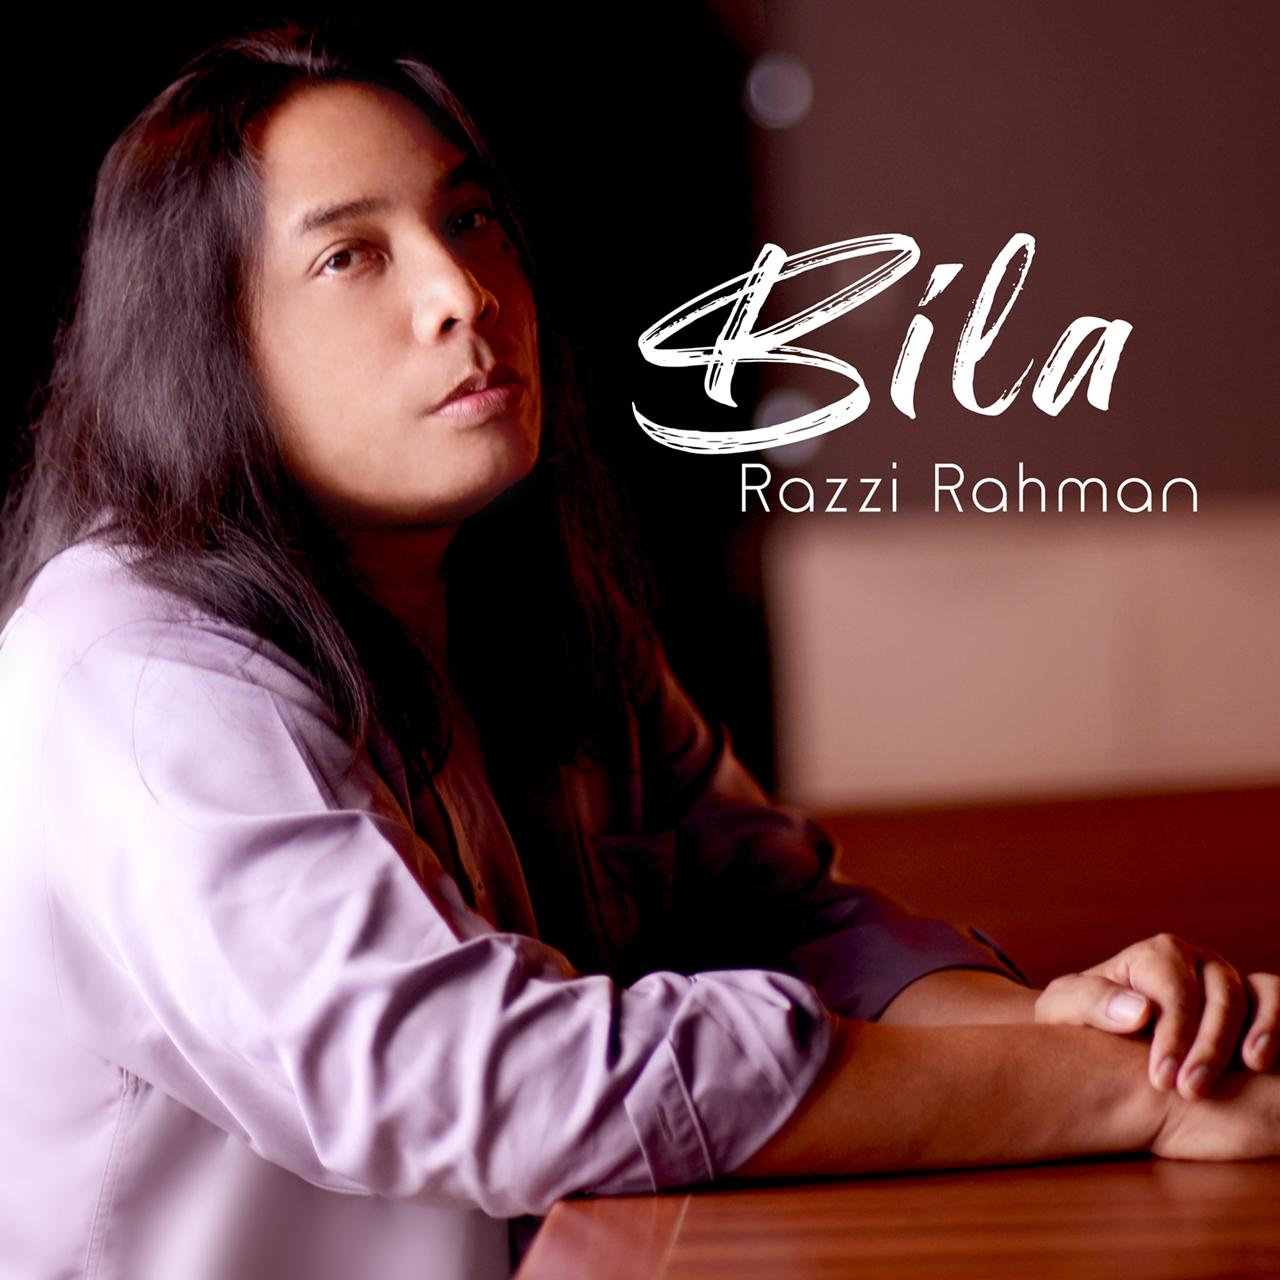 Lirik Lagu Razzi Rahman - Bila